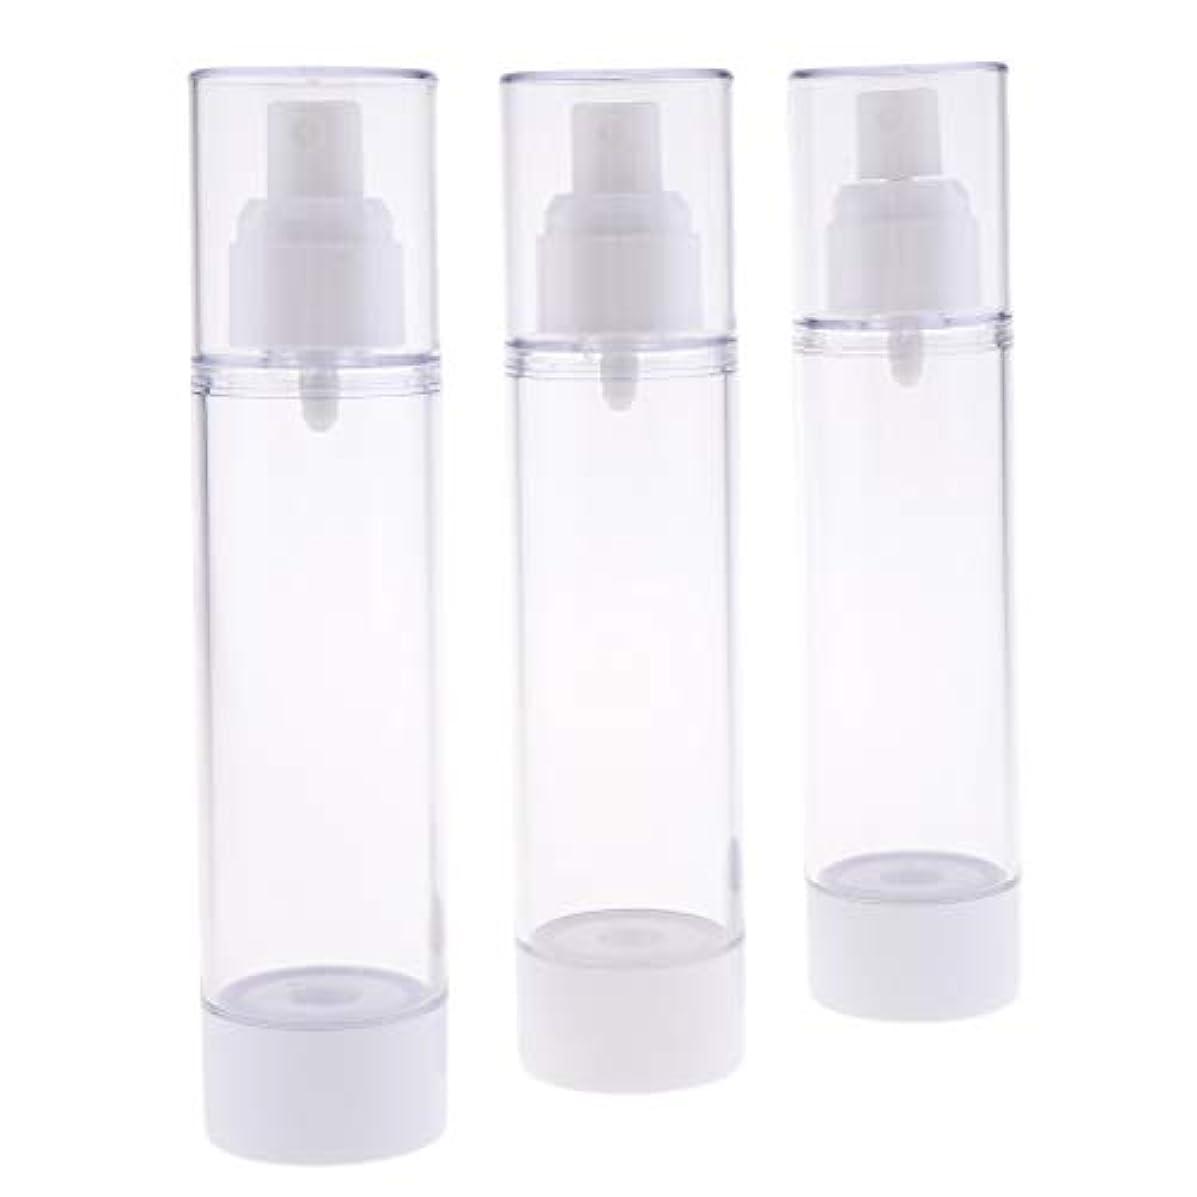 傾く富豪フィルタ3個 アトマイザー ミストスプレーボトル 霧吹き 噴霧ボトル 全6サイズ - 100ml